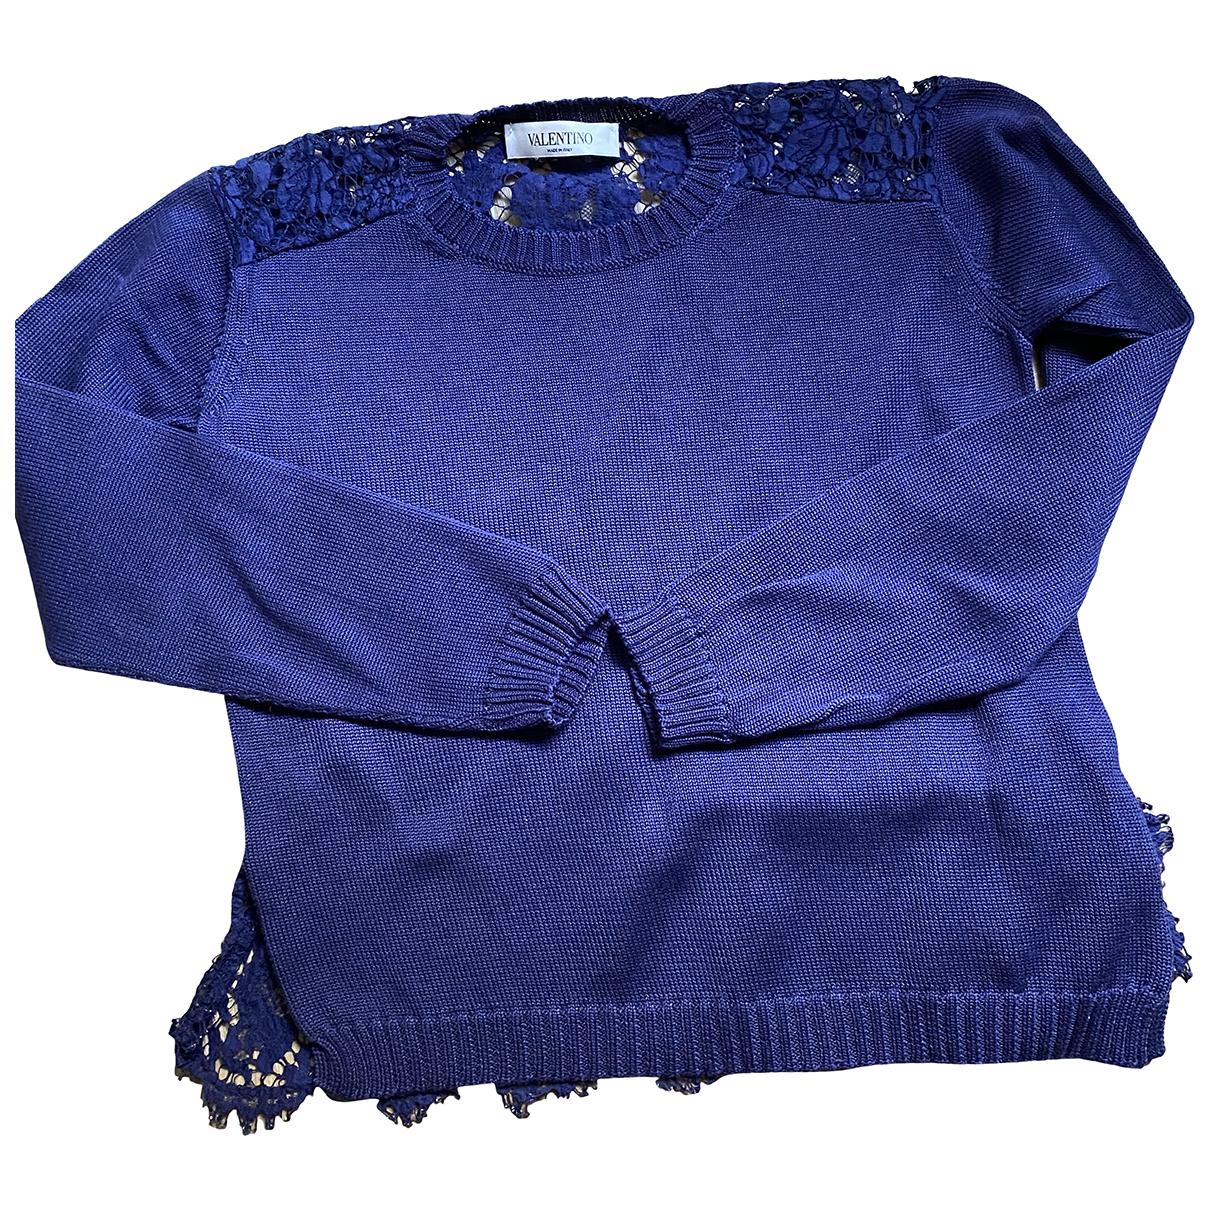 Valentino Garavani - Pull   pour femme en coton - bleu